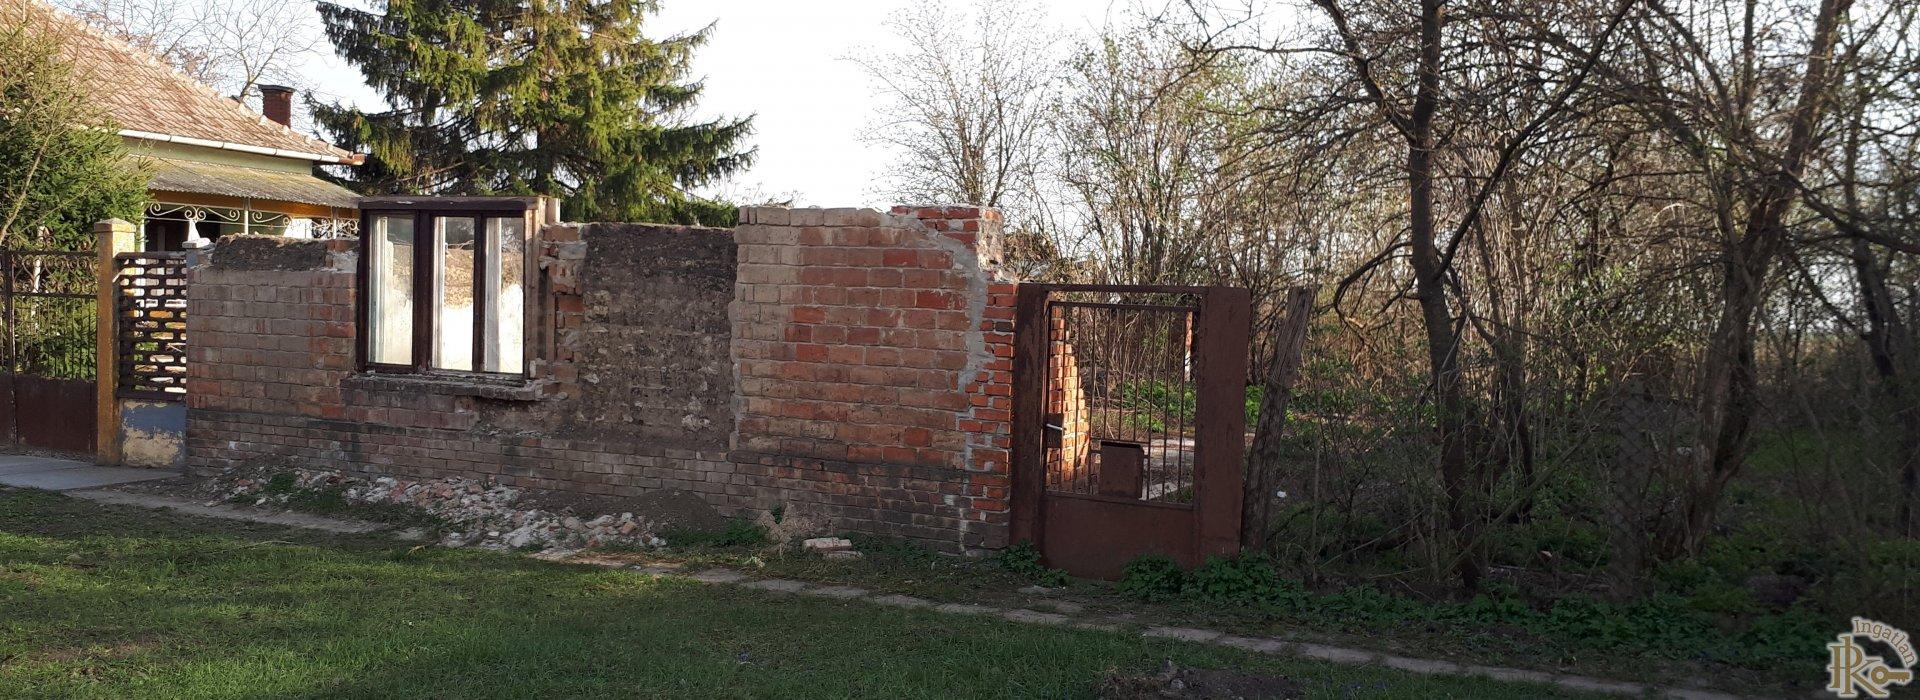 Kétegyháza, Nagy Sándor utca 68.